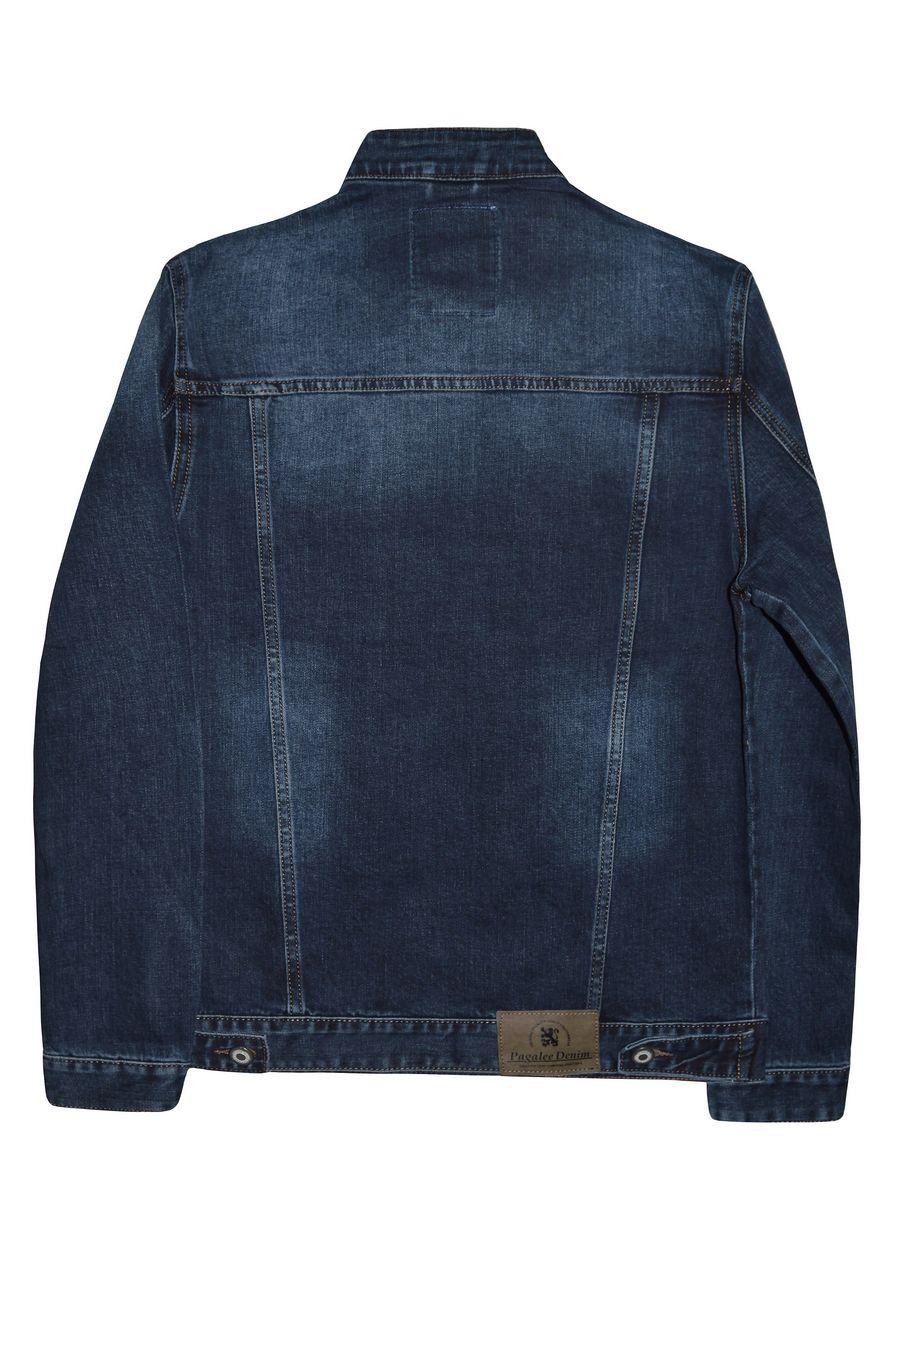 Пиджак мужской (джинсовка) Pagalee P8031 - фото 2